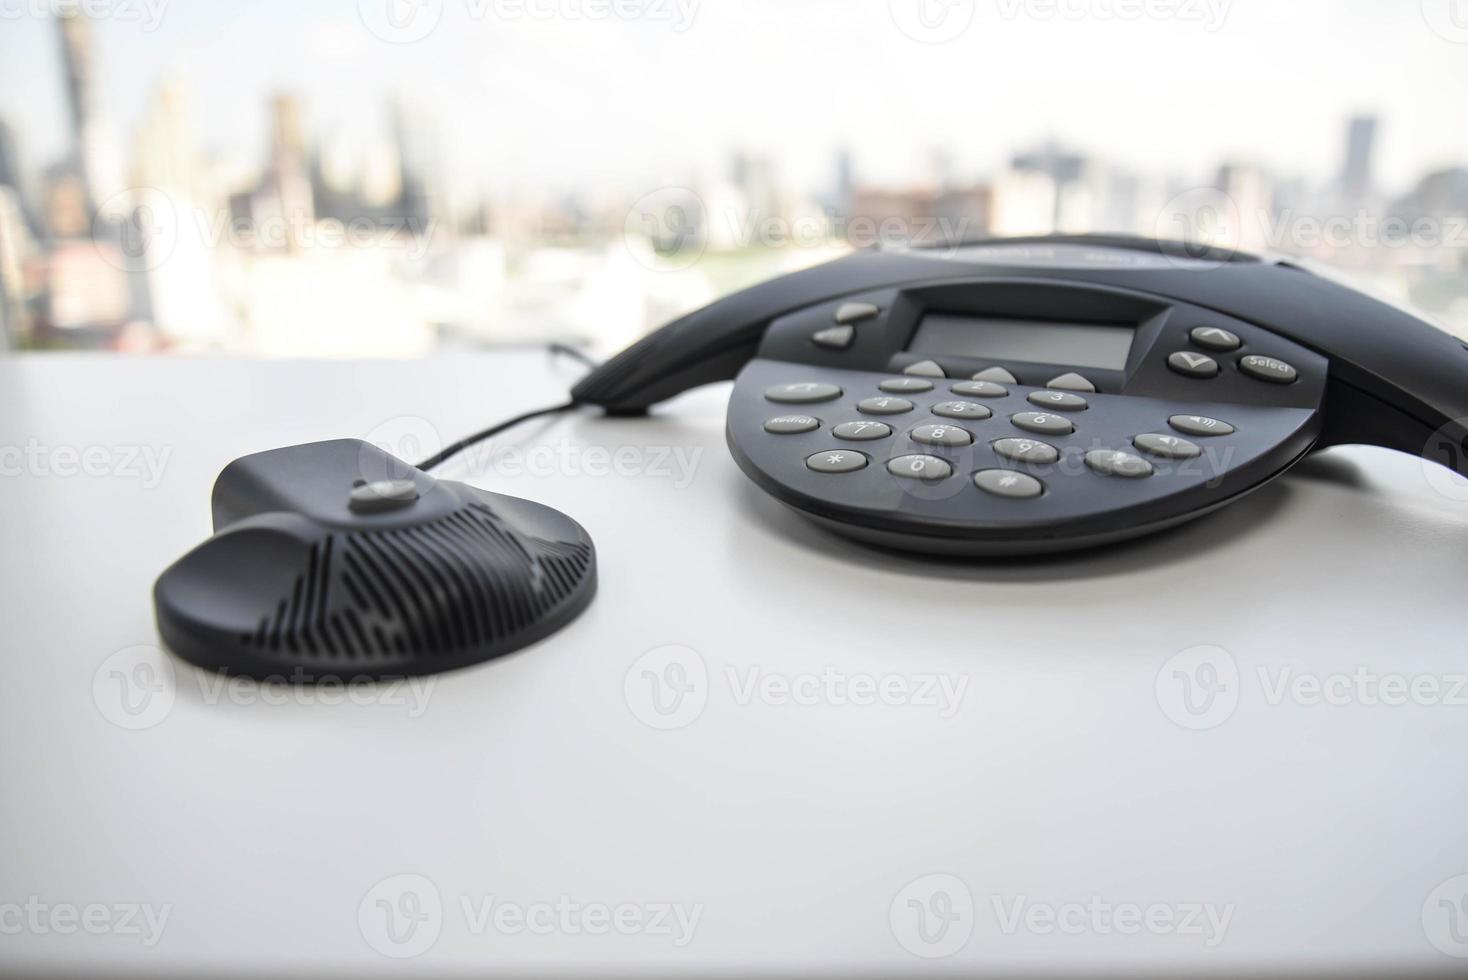 ip telefoon - conferentieapparaat foto